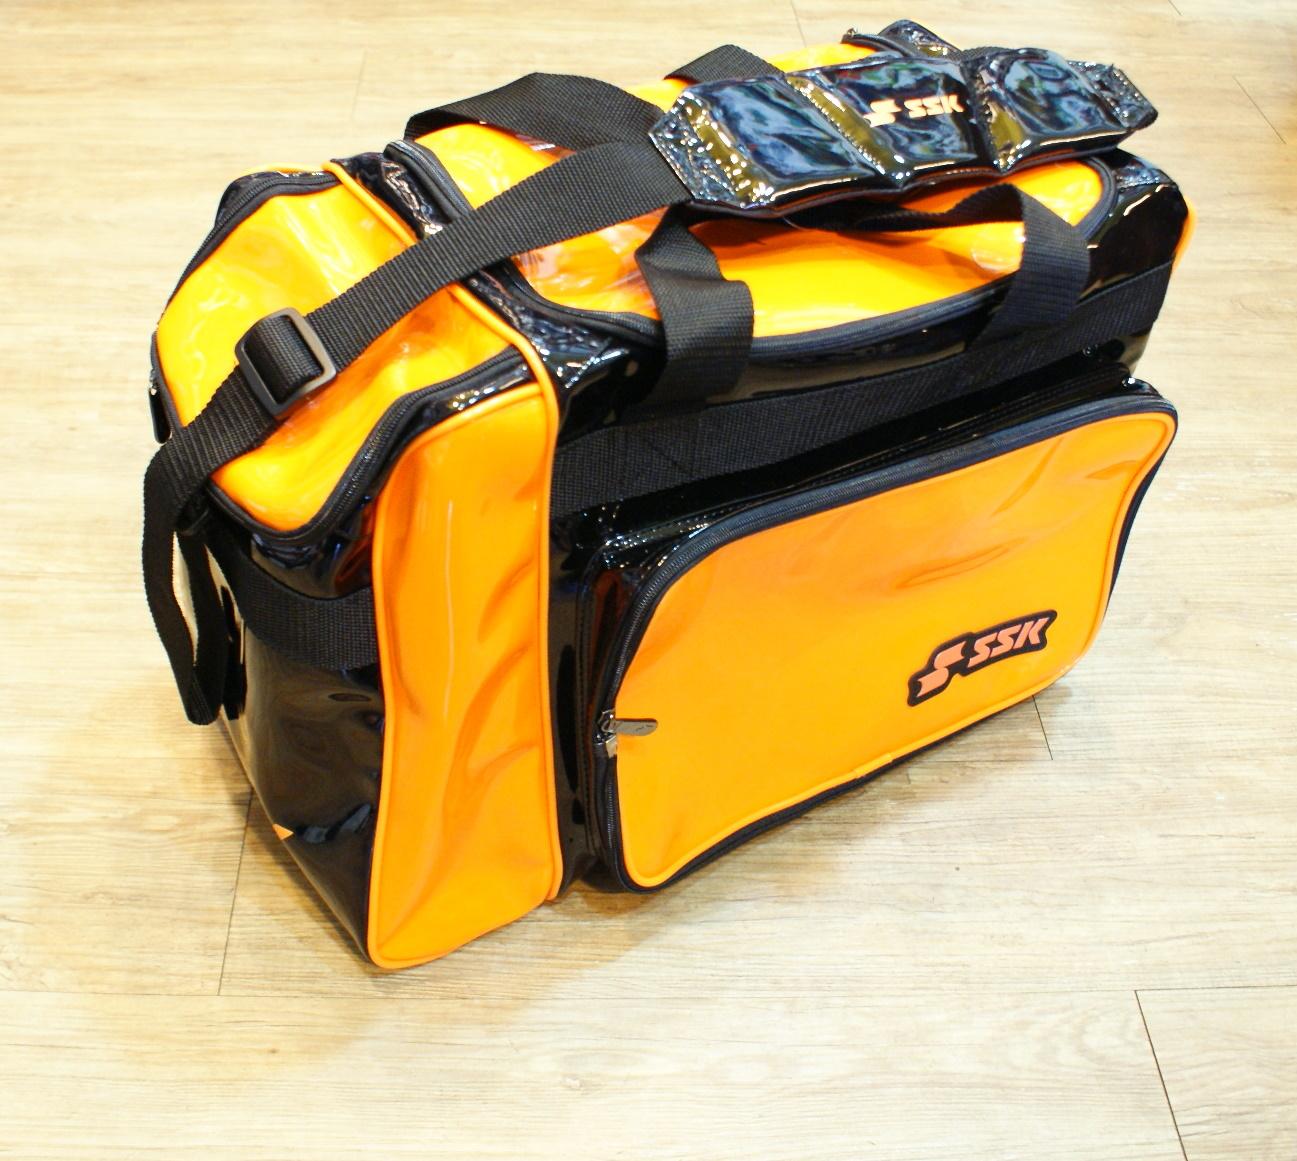 棒球世界 SSK13年新款個人裝備袋 特價 黑橘樣式配色